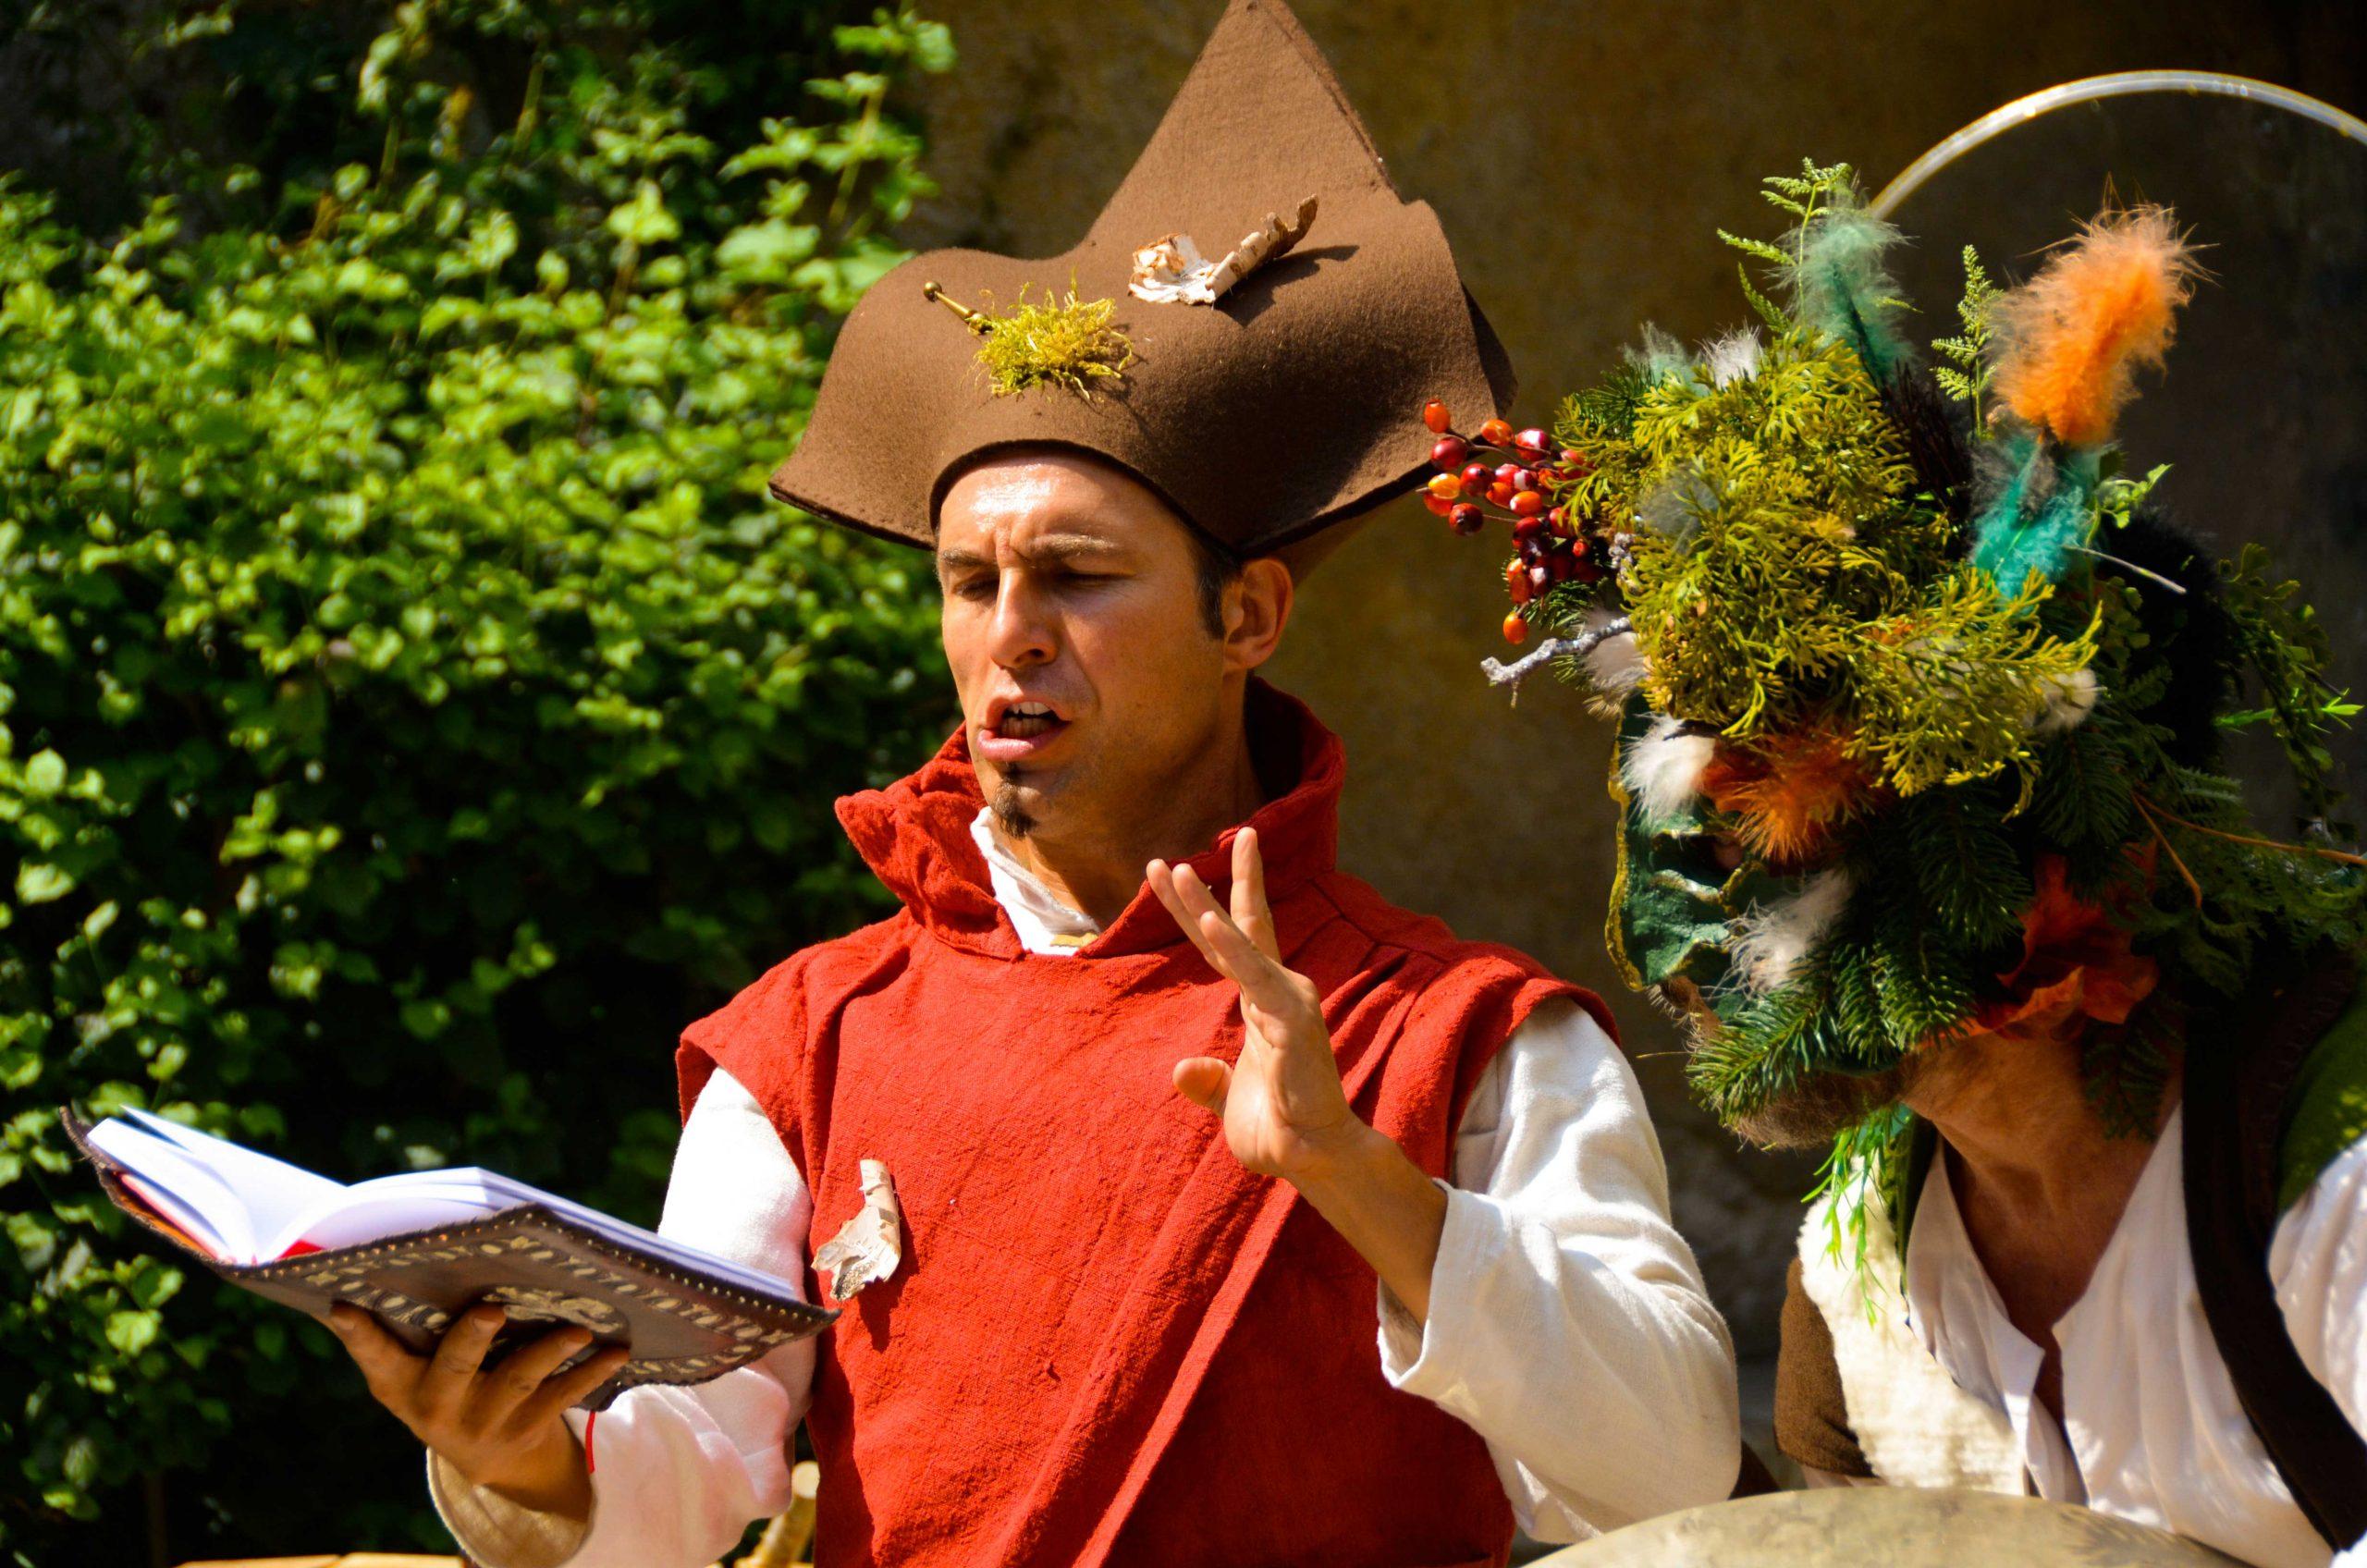 Cie du Petit Grimoire. Ce spectacle, issu de la rencontre entre un jongleur et un percussionniste, crée une animation médiévale féérique fantastique qui réjouira aussi bien une fête du moyen-âge, un festival d'art de rue, un événement privé, qu'une cour de château. Procédez à un rapide voyage temporel versciedupetitgrimoire.ch